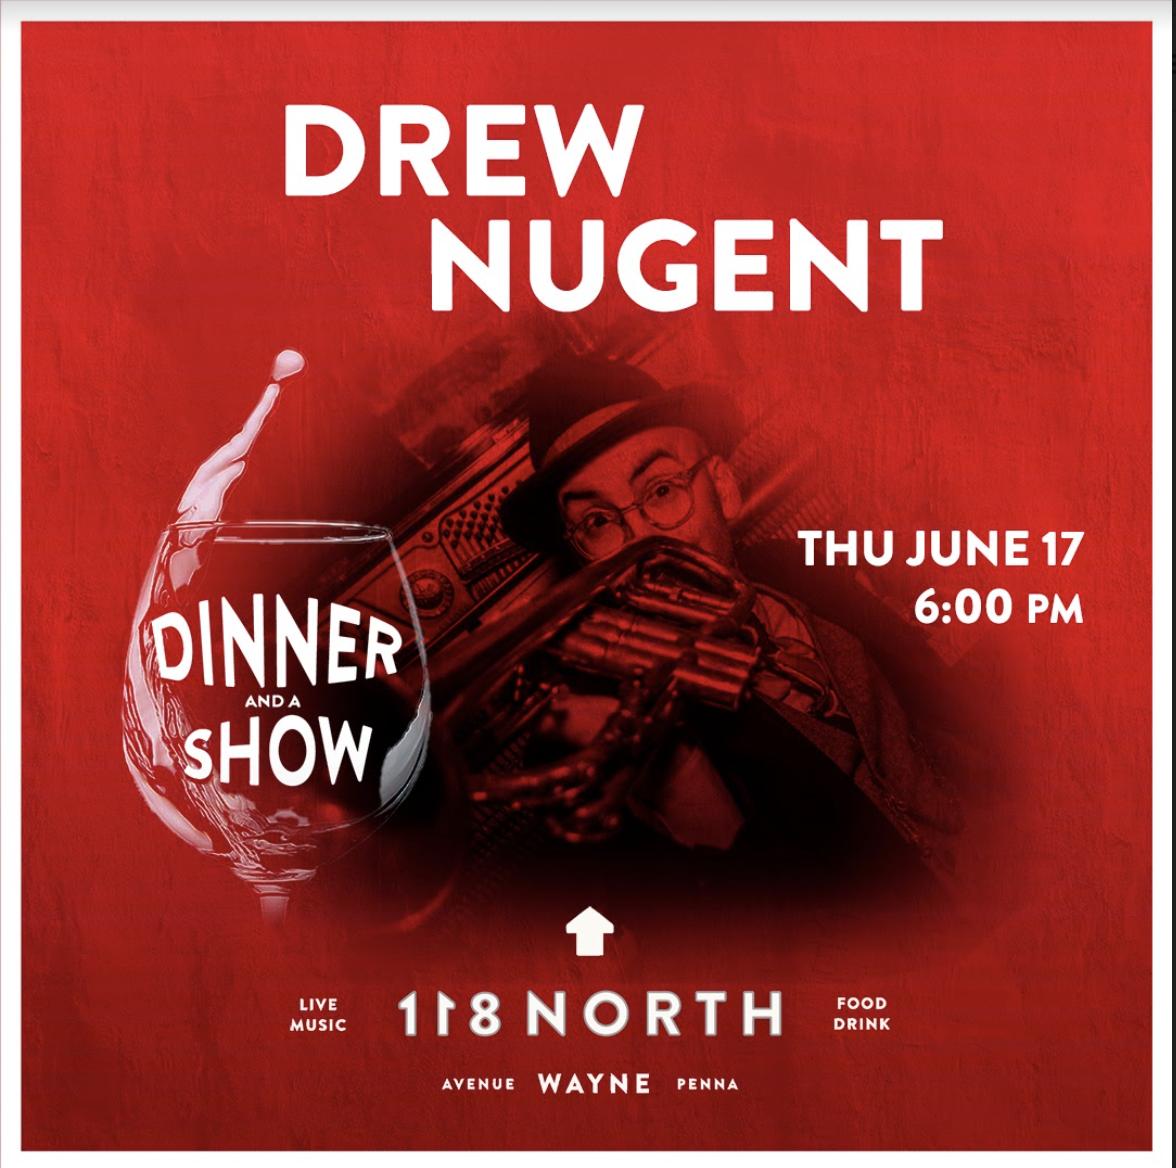 Drew Nugent: Main Image